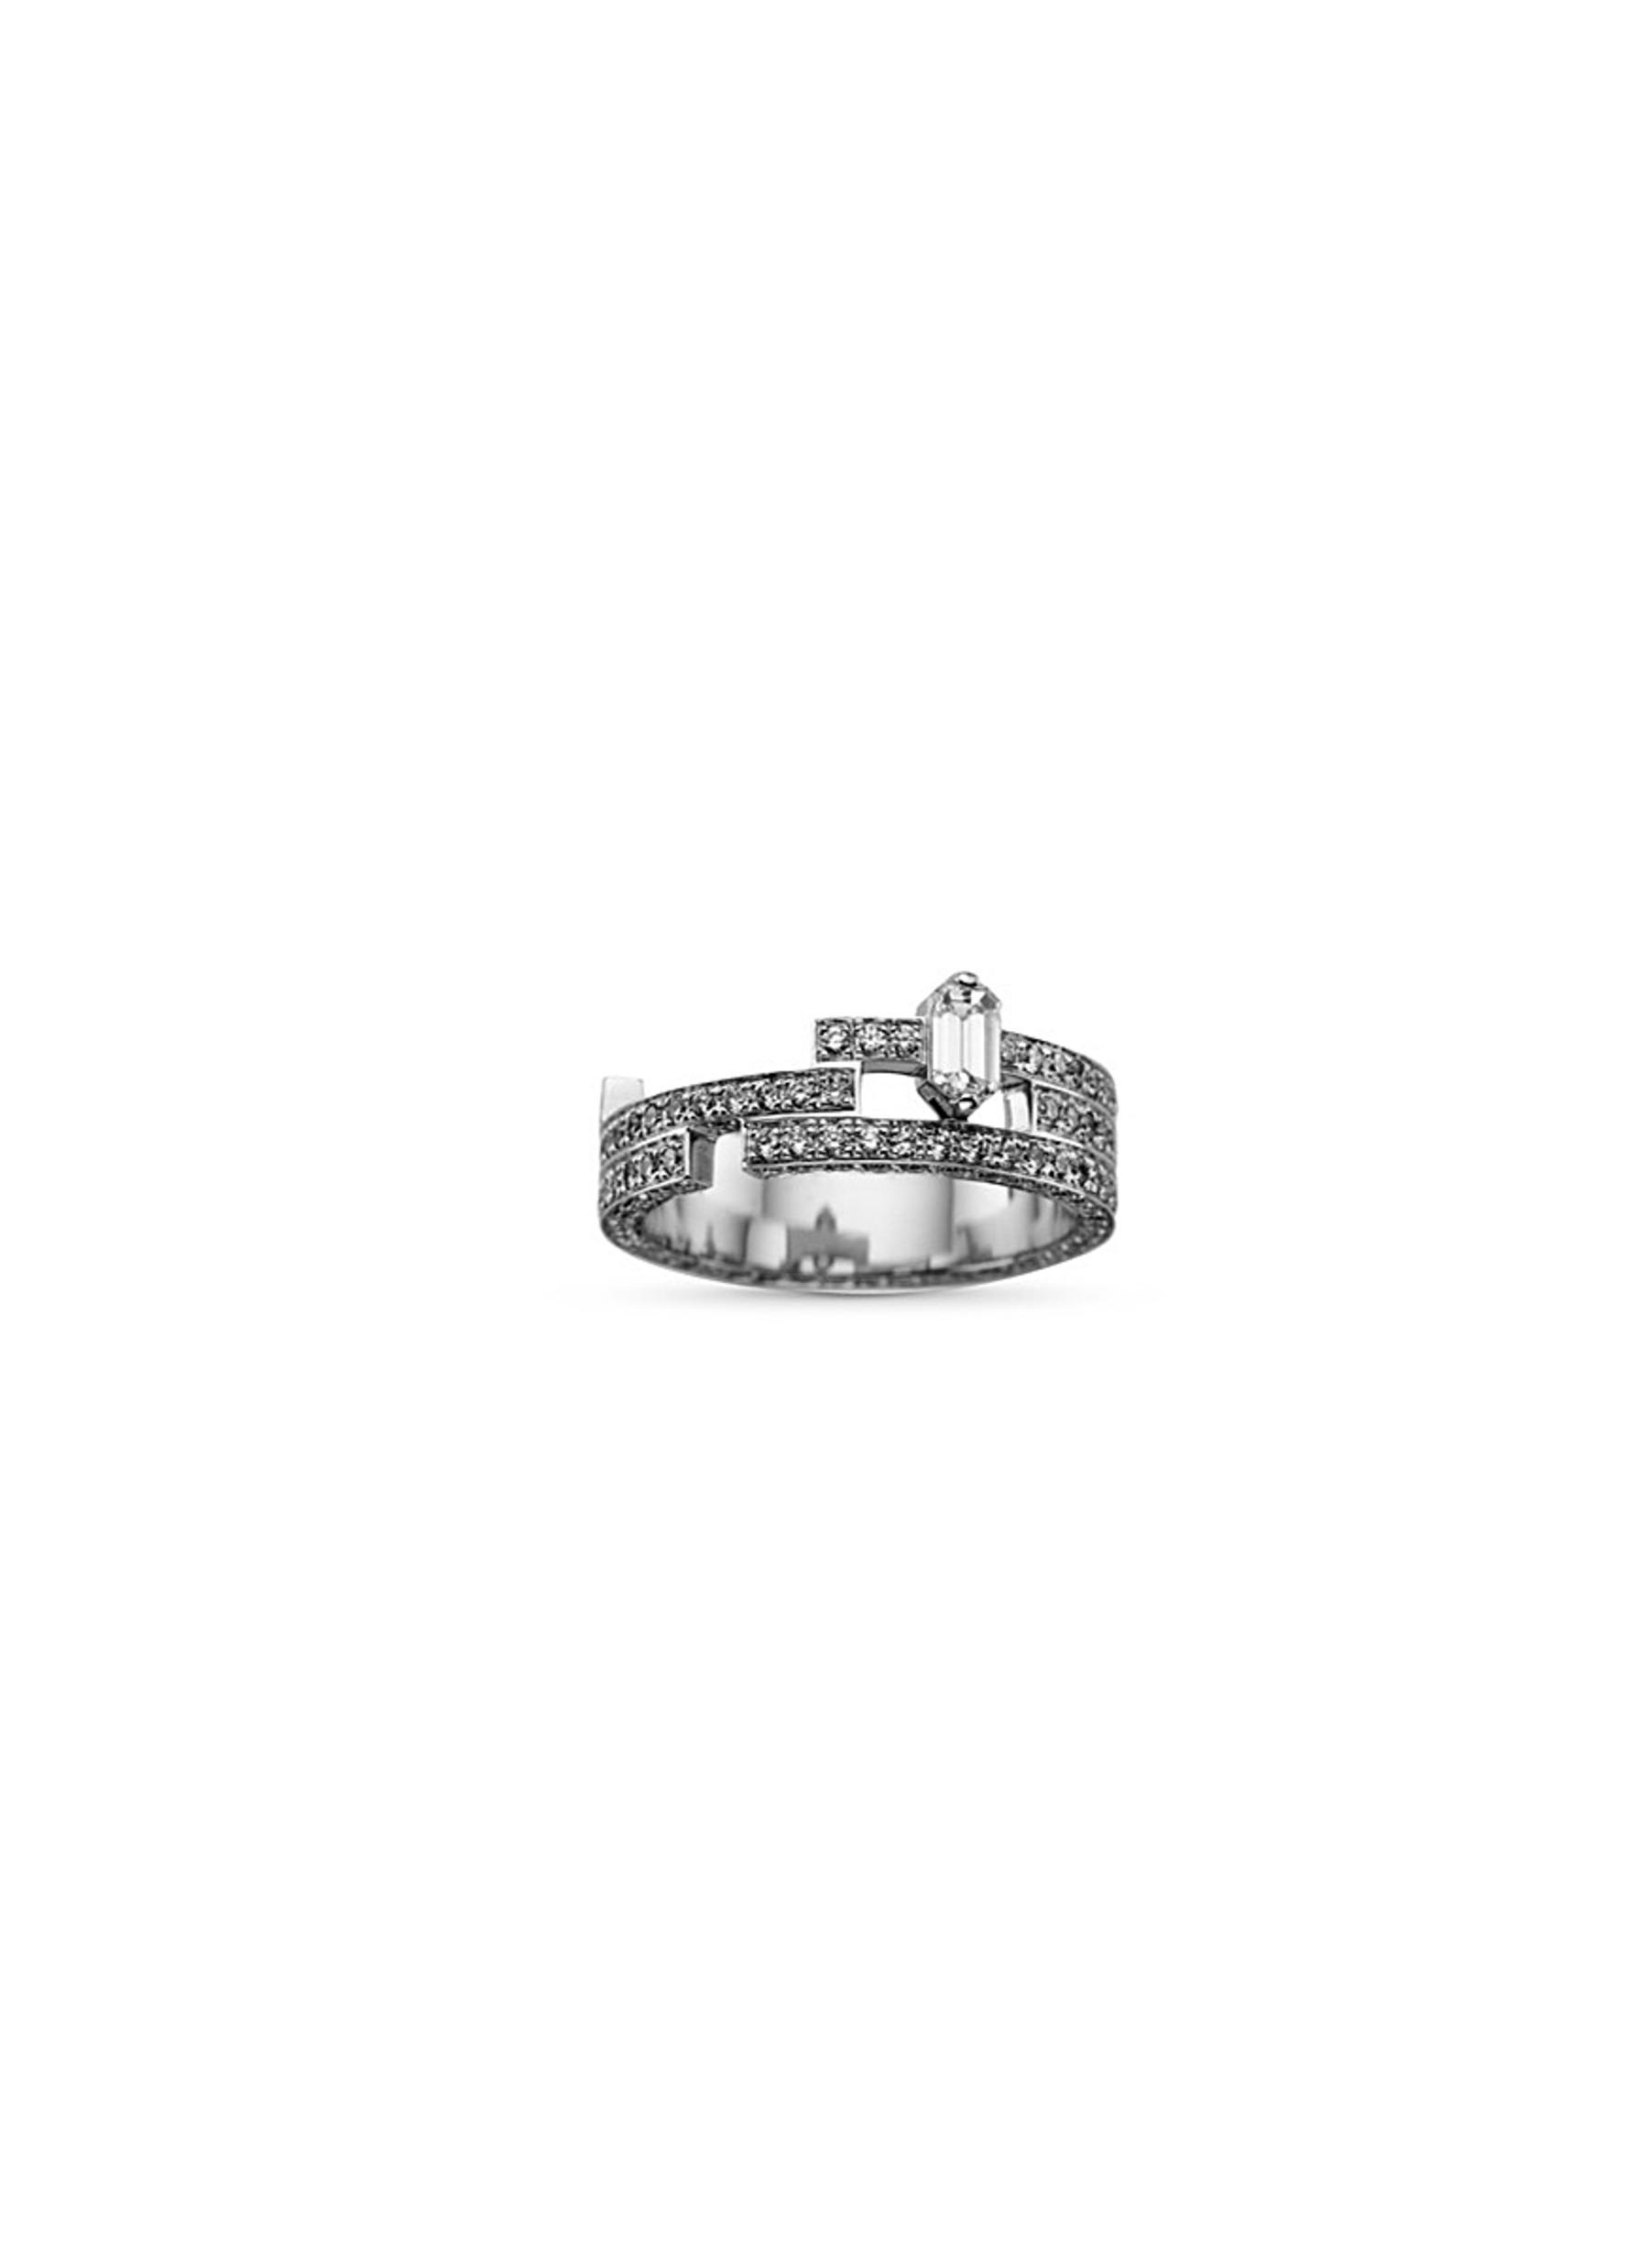 DAUPHIN 'Disruptive' pavé diamond 18k white gold three tier ring